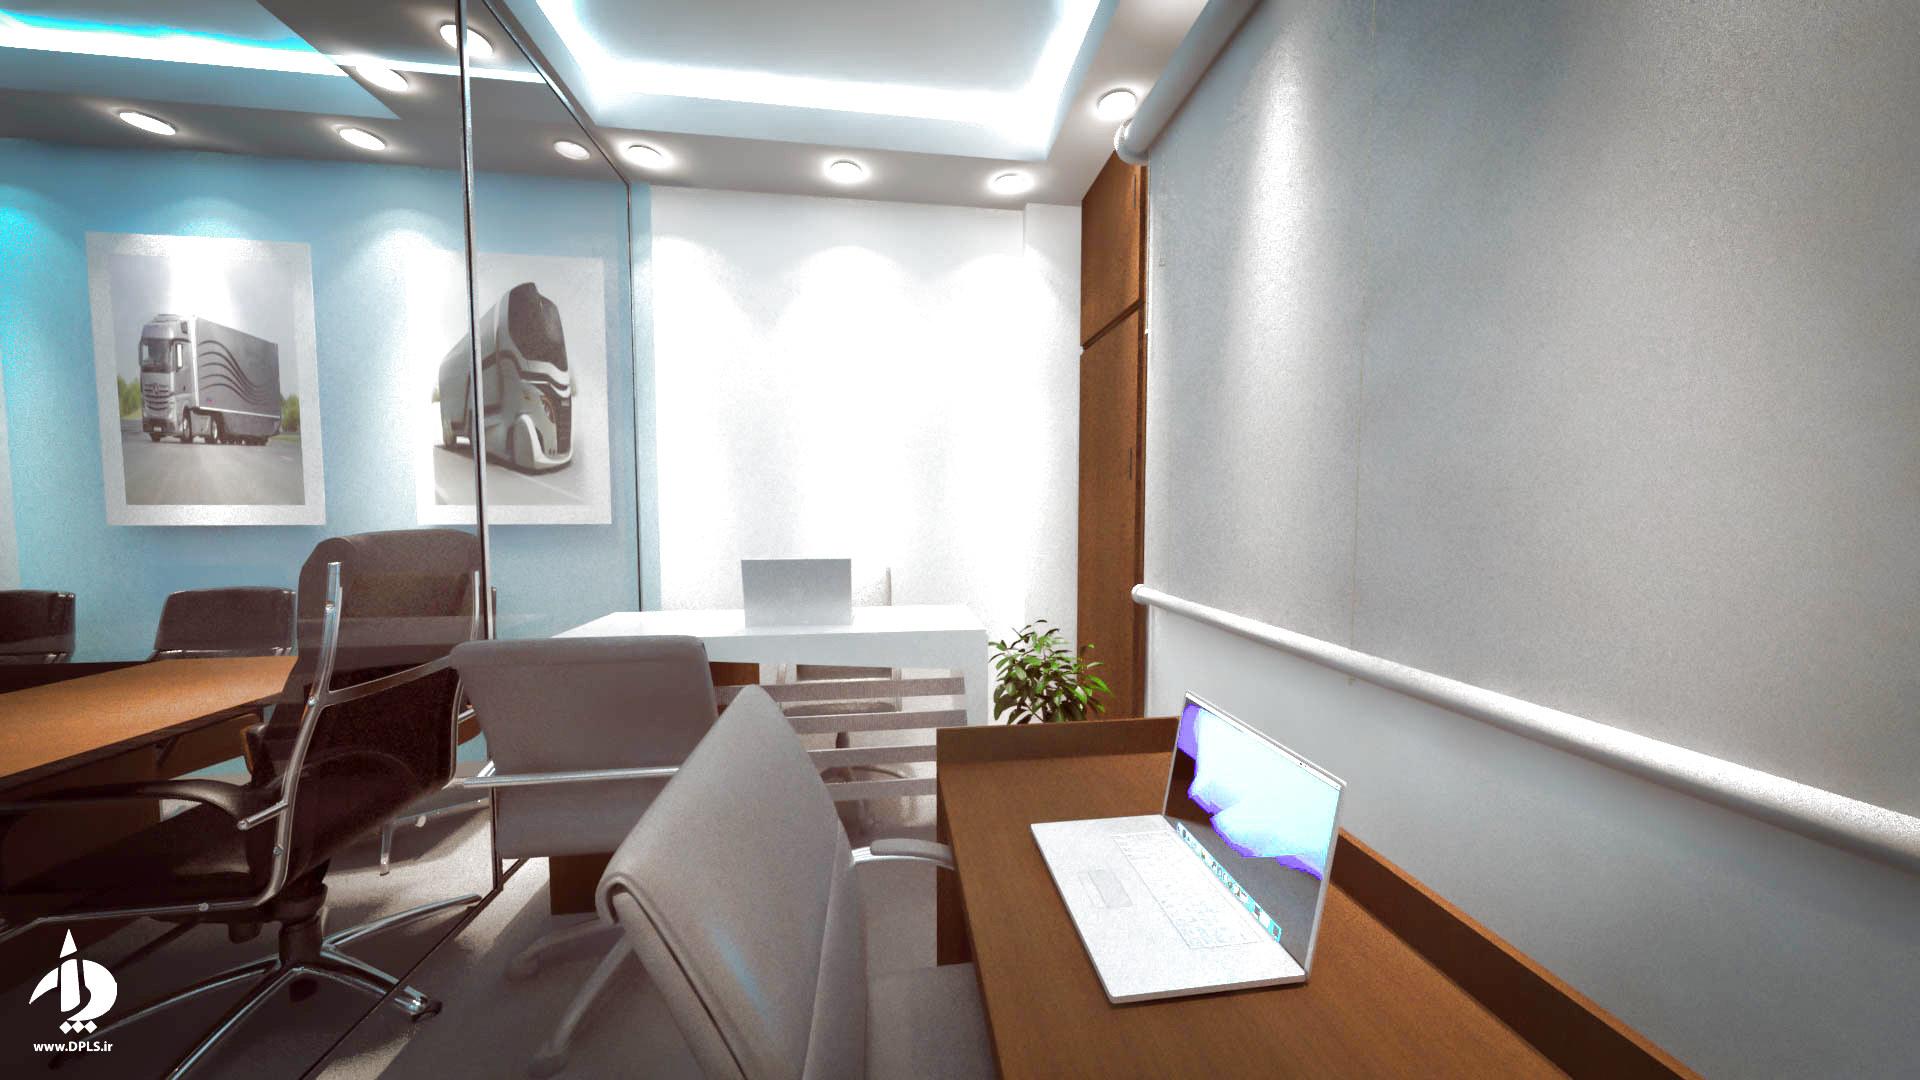 b3 - طراحی داخلی شرکت حمل و نقل سما مروارید آسیا